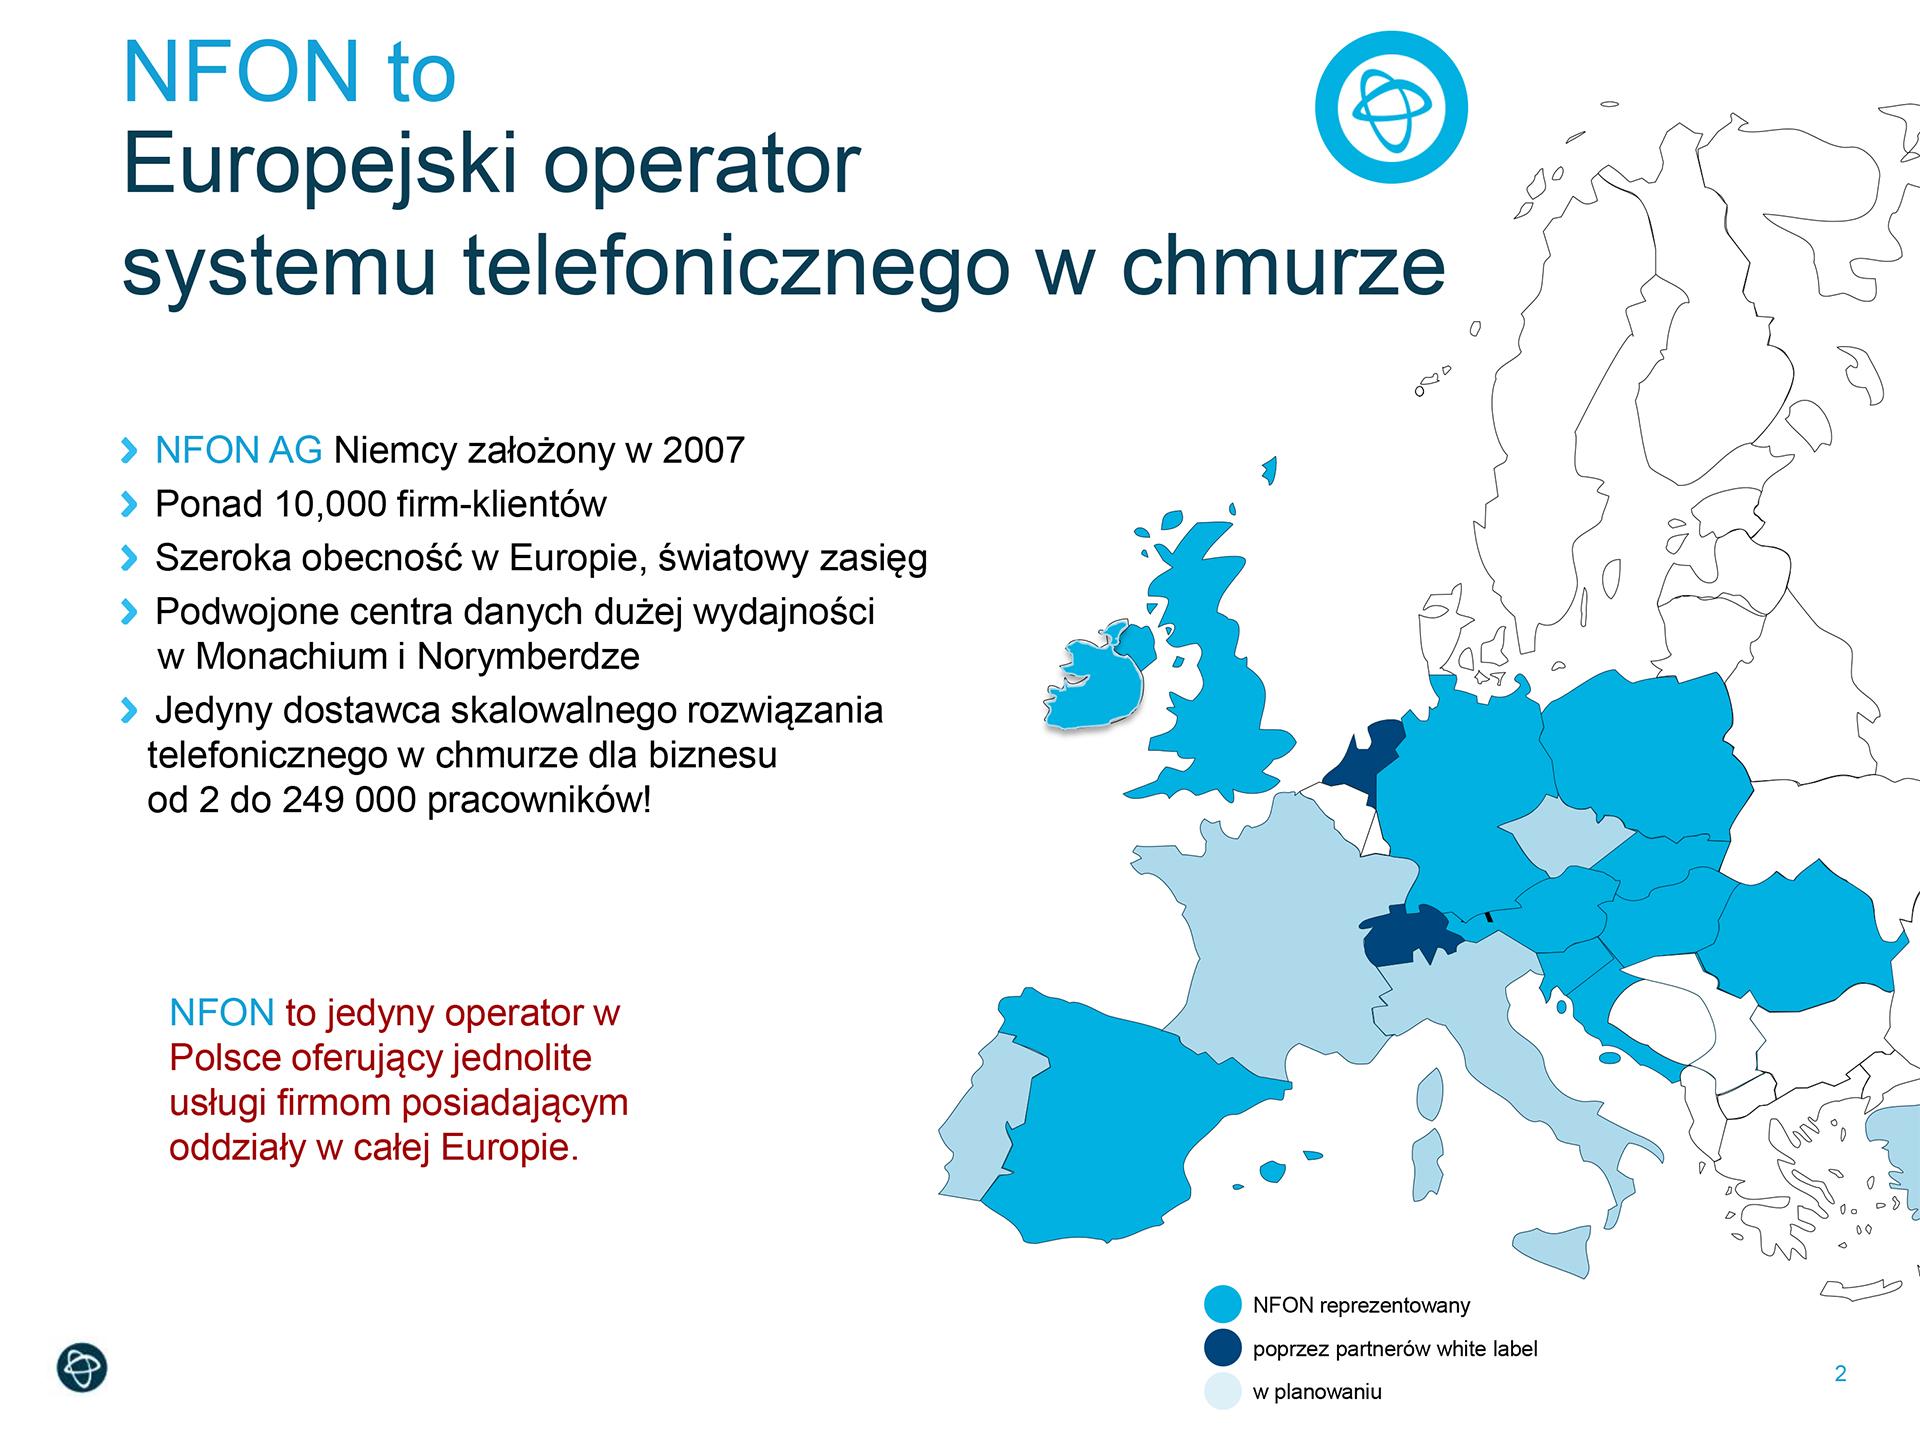 NFON to Europejski Partner